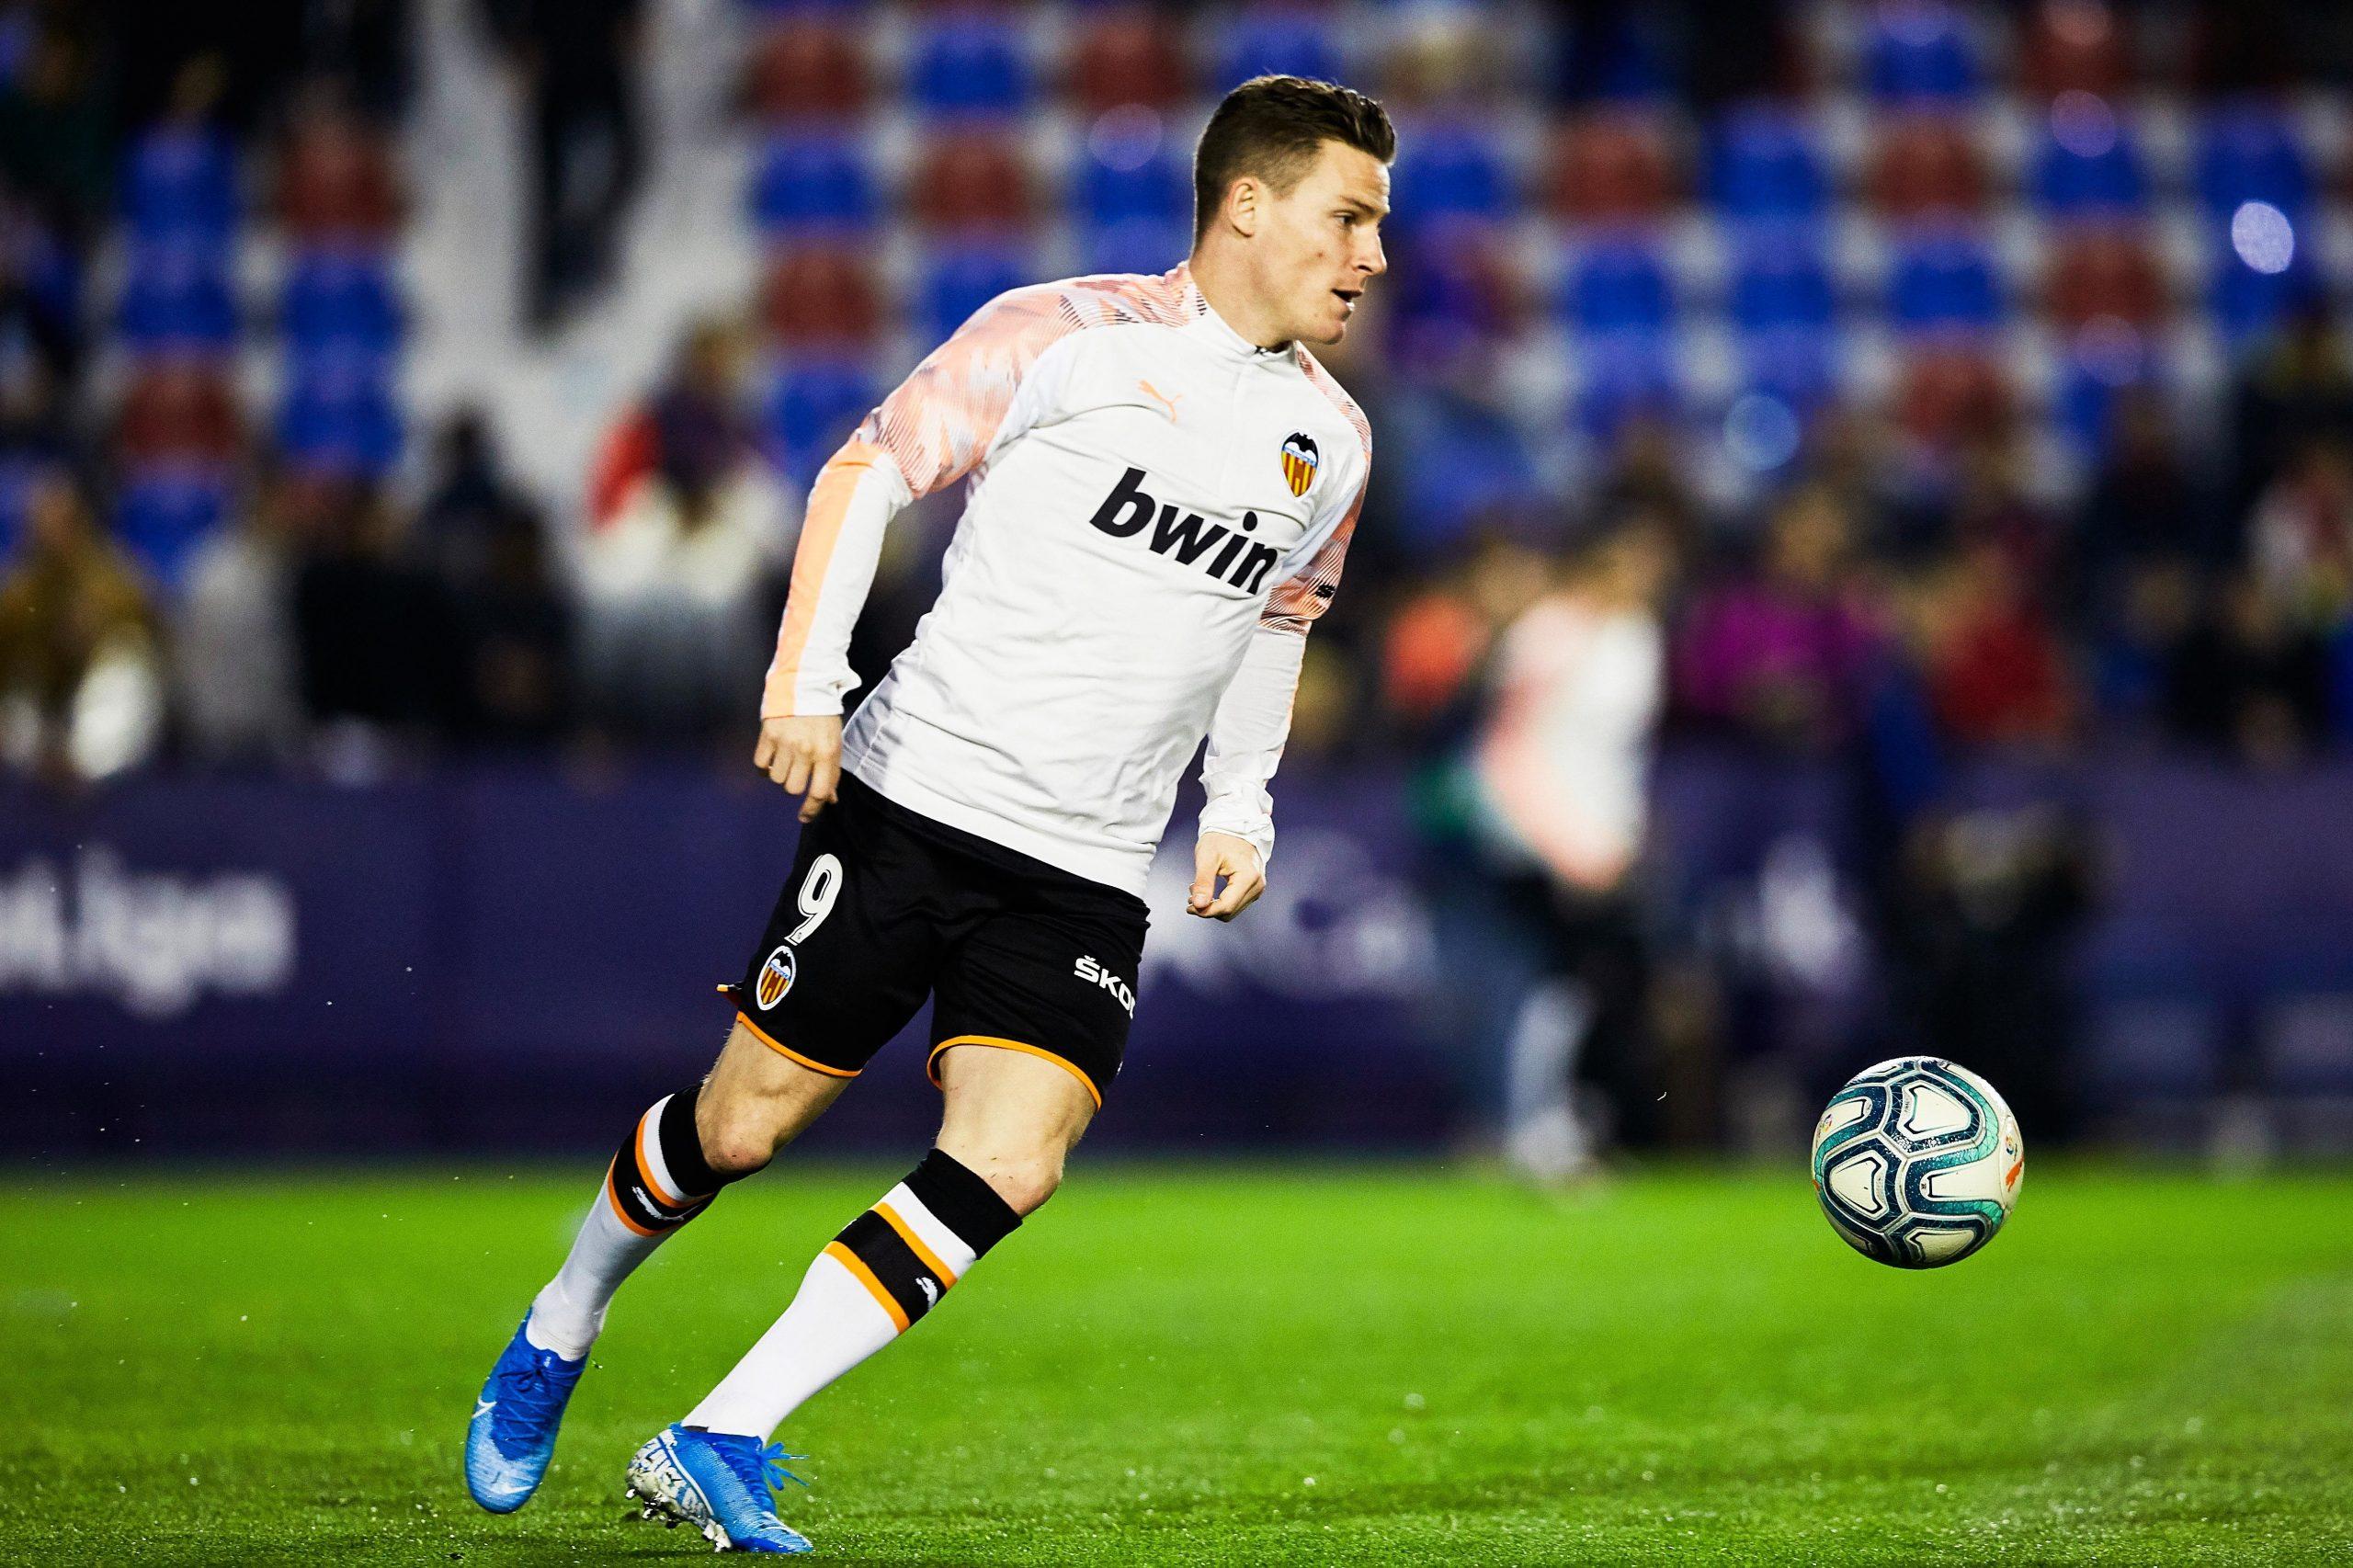 Mercato - Le PSG s'intéresse à Gameiro, confirme la Cadena Ser